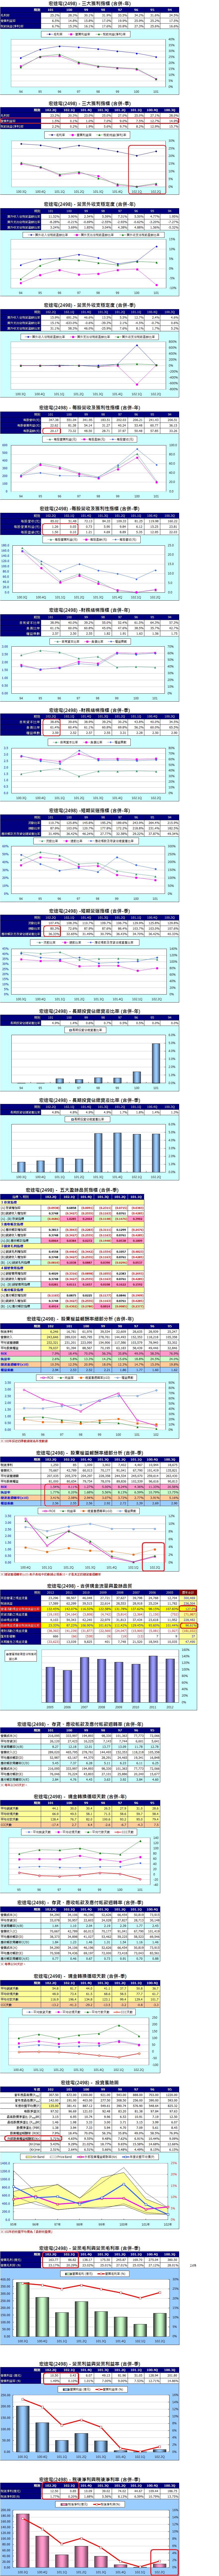 2498細部財務分析